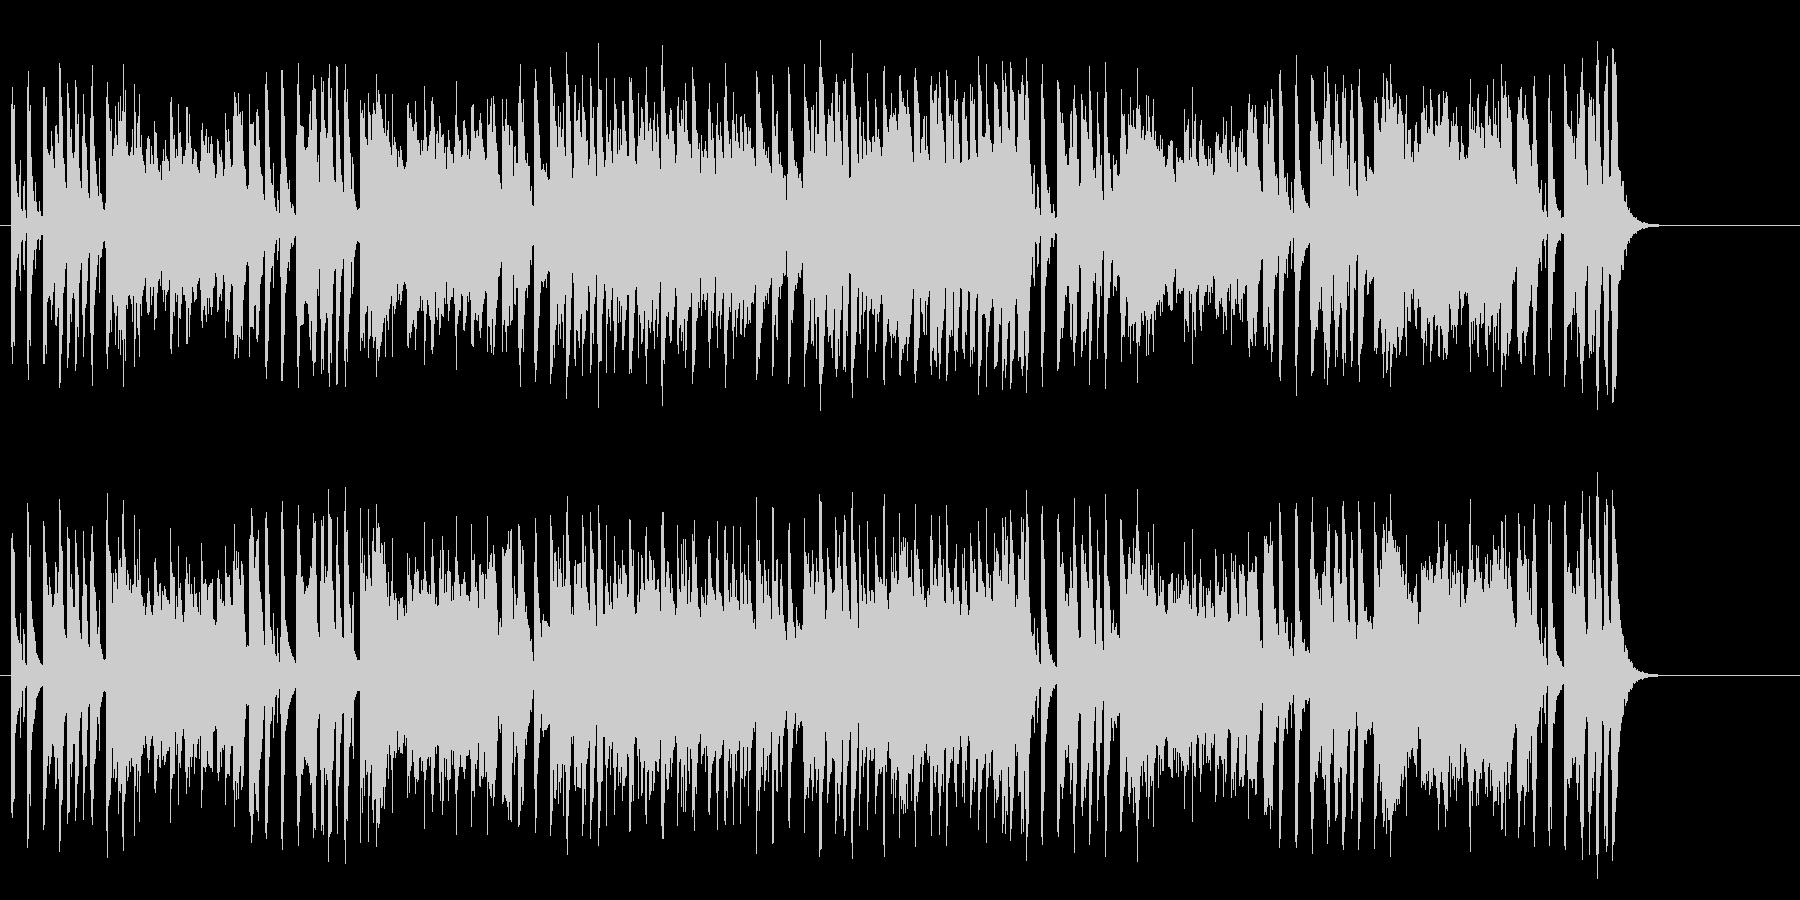 とぼけた感じがおちゃめなコミカルサウンドの未再生の波形